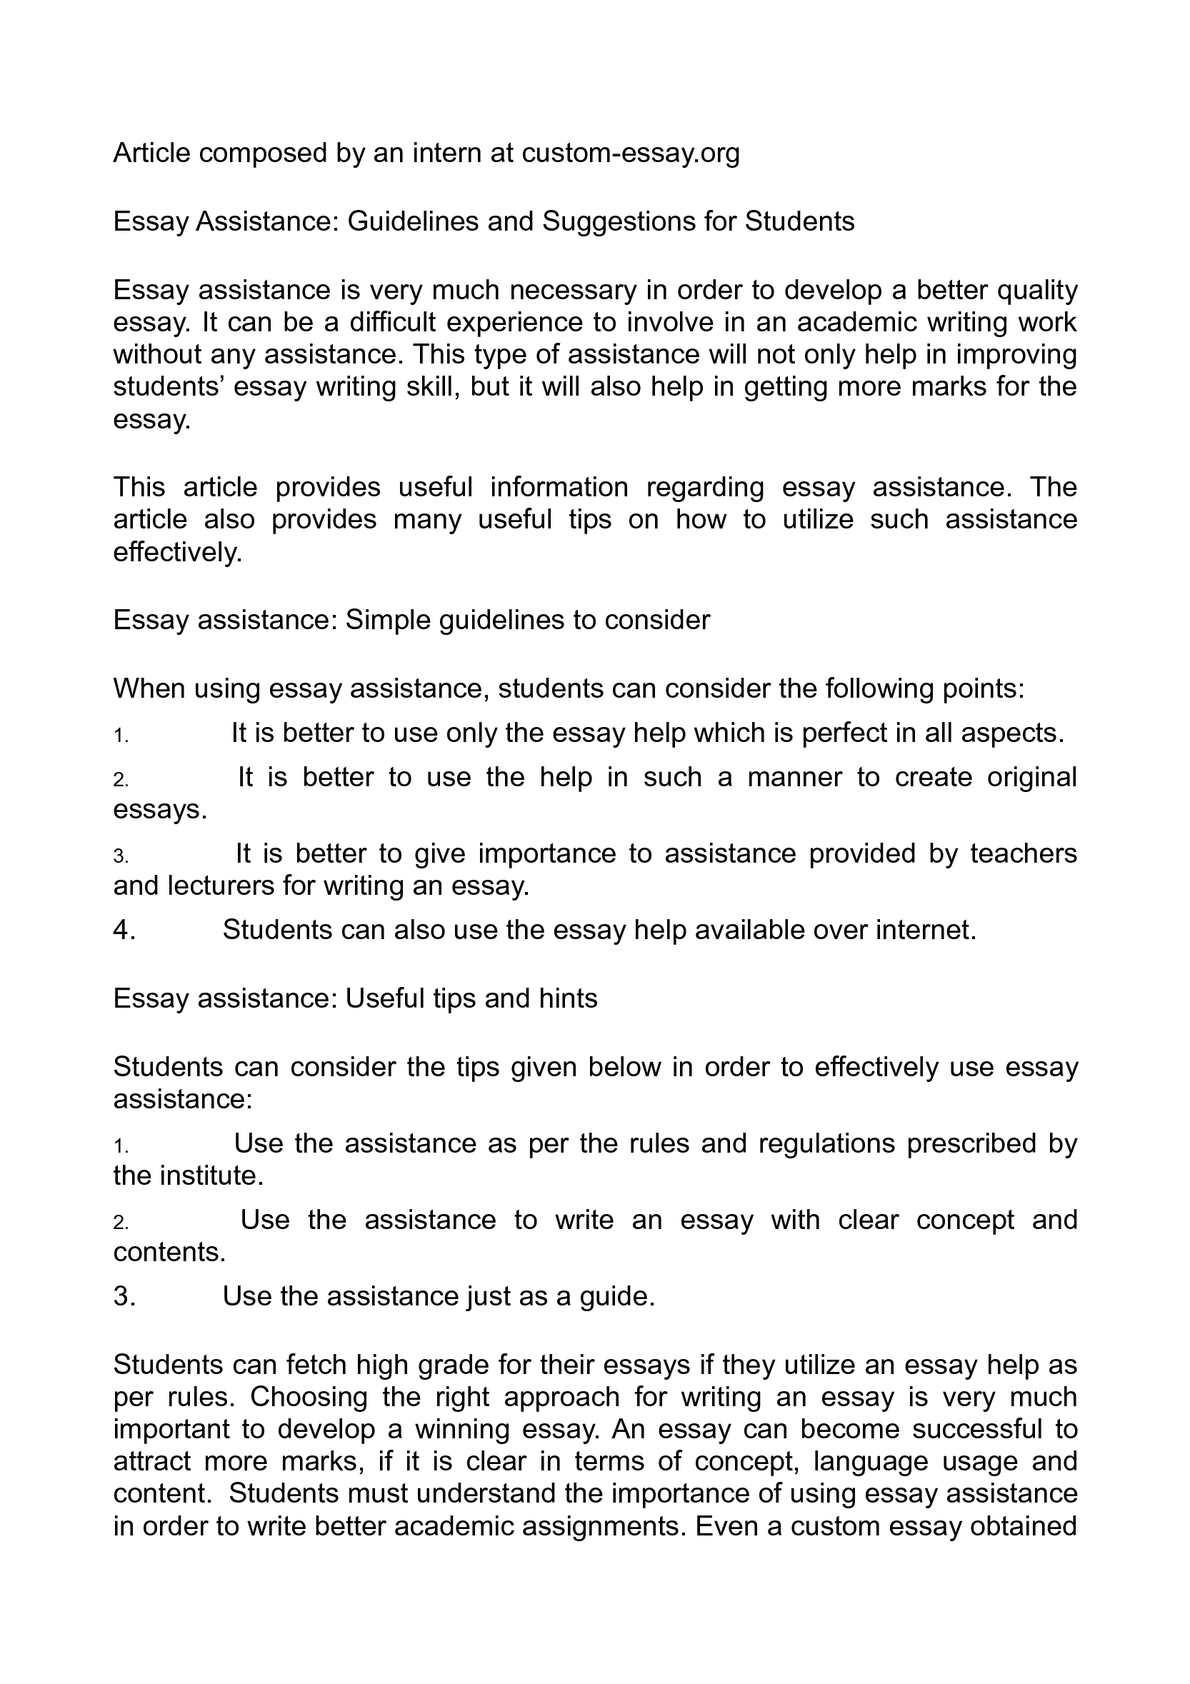 Original essays